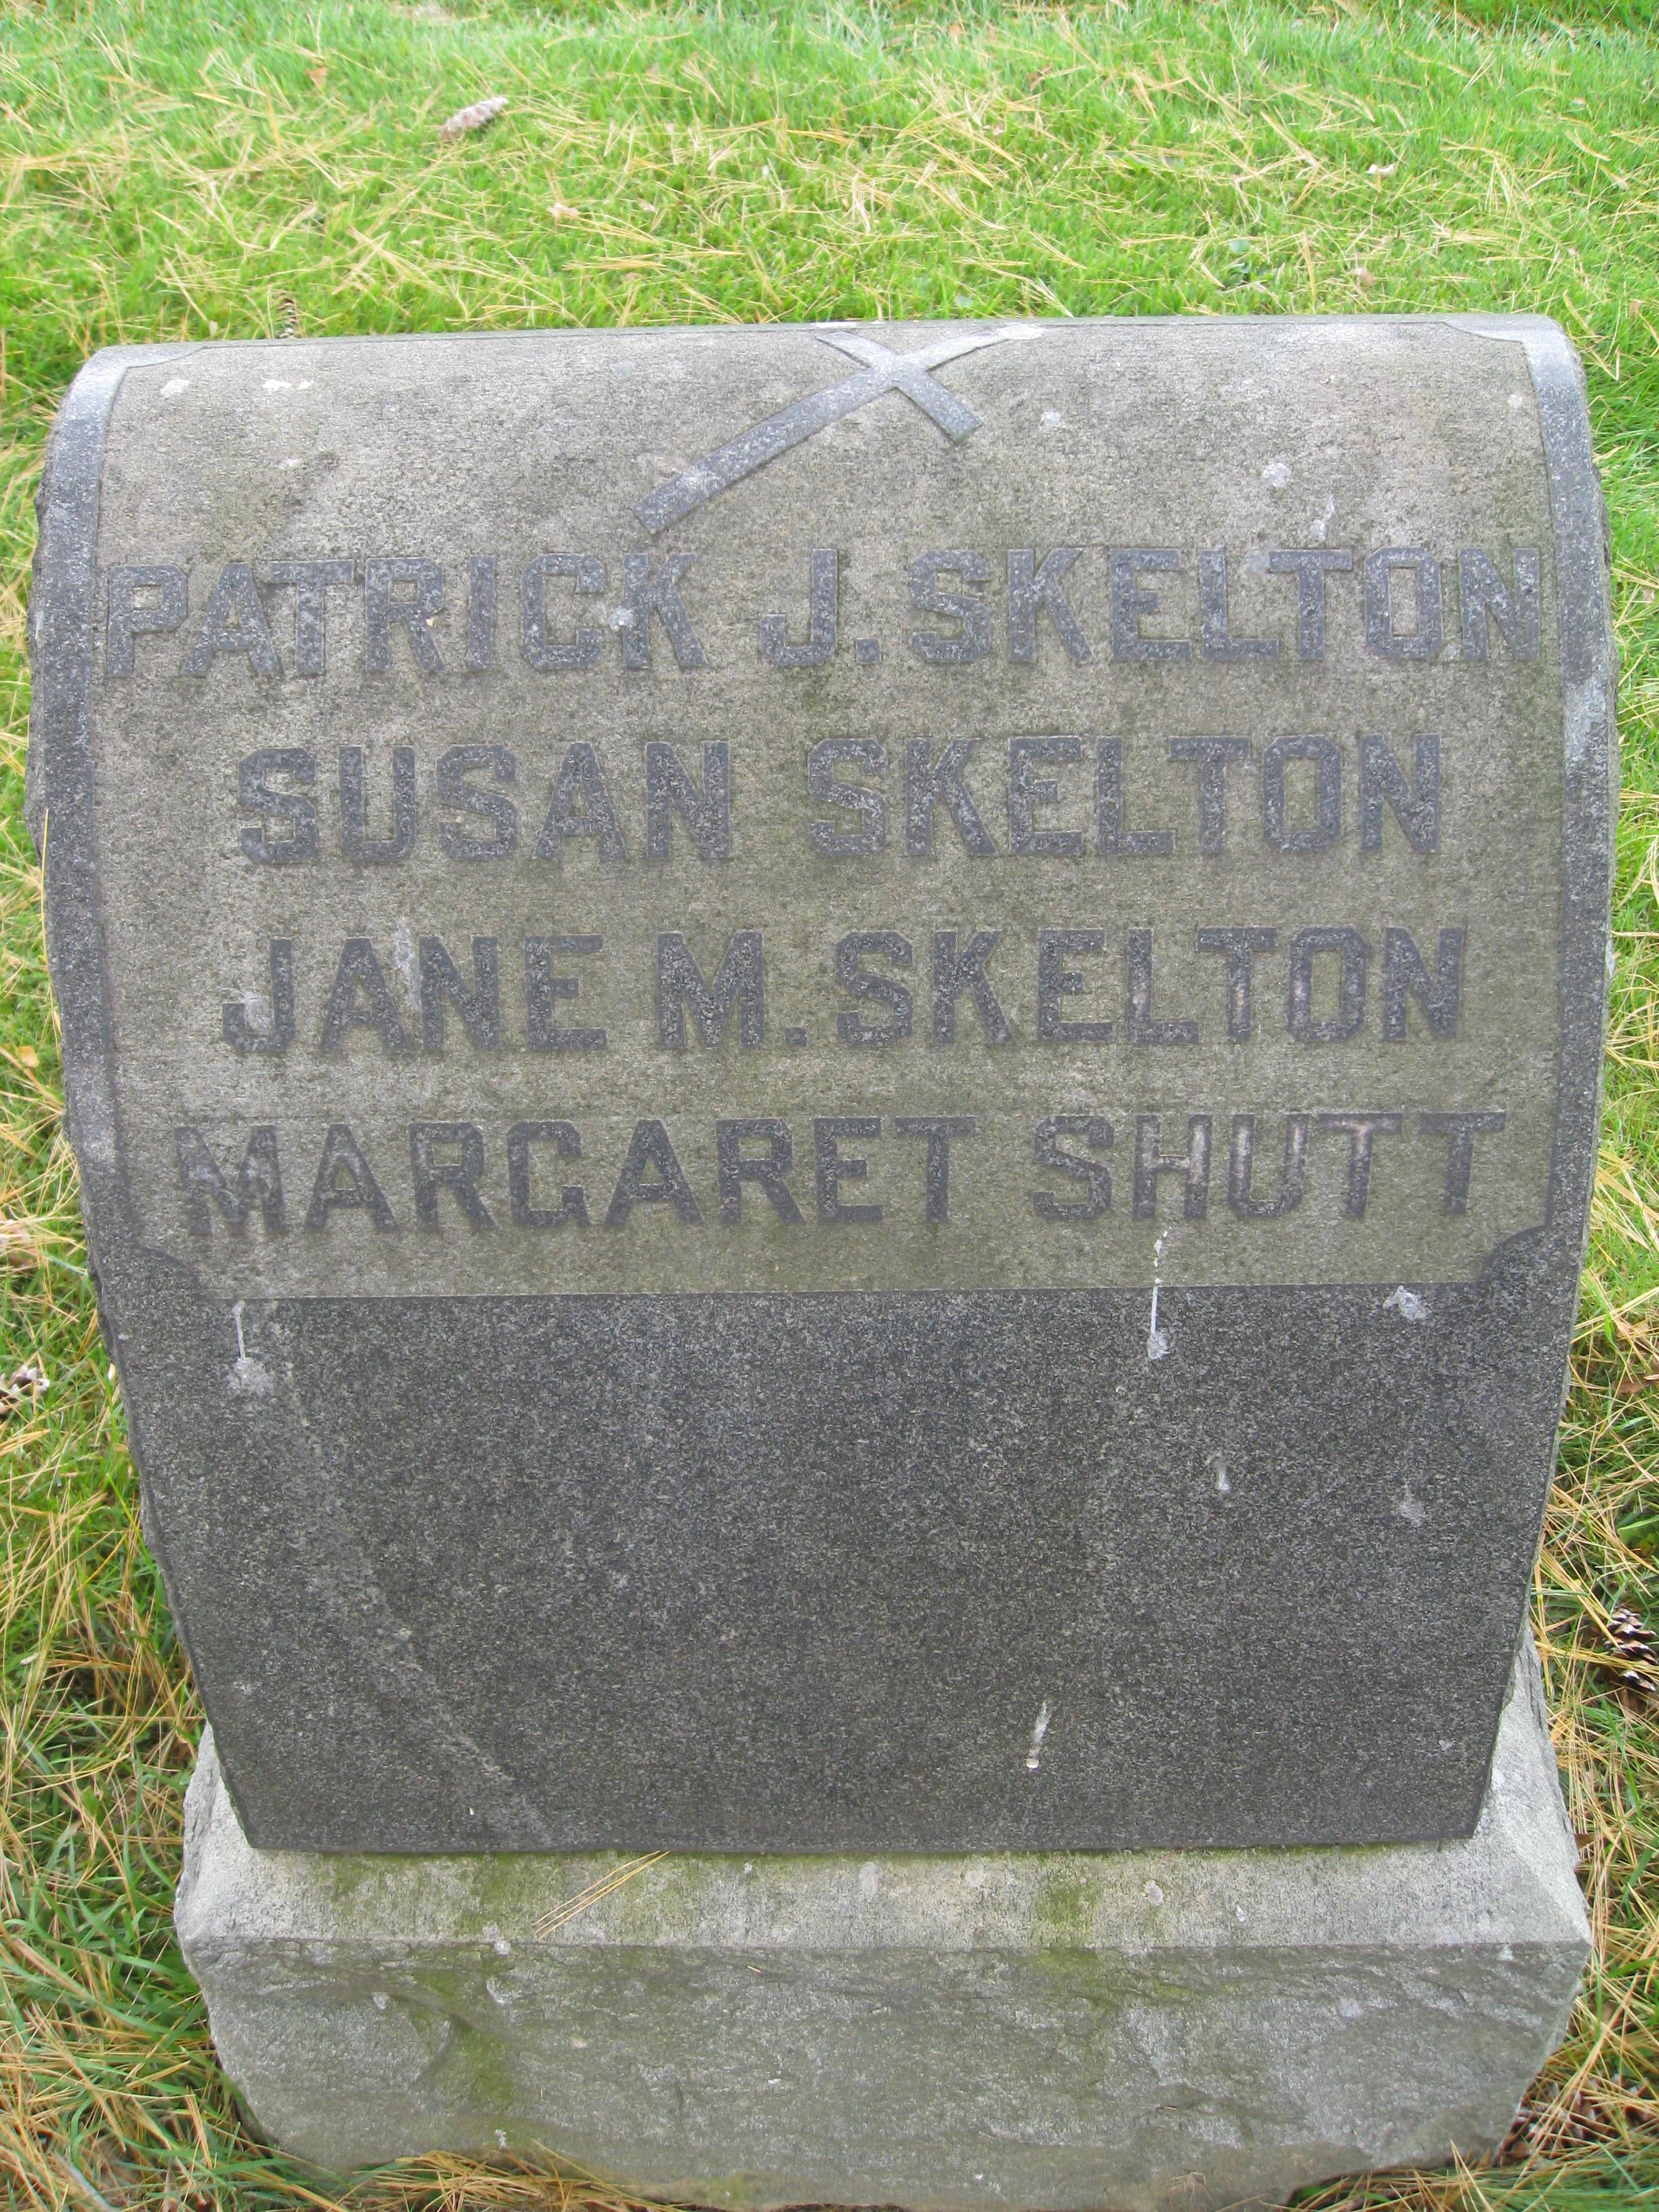 Susannah Skelton